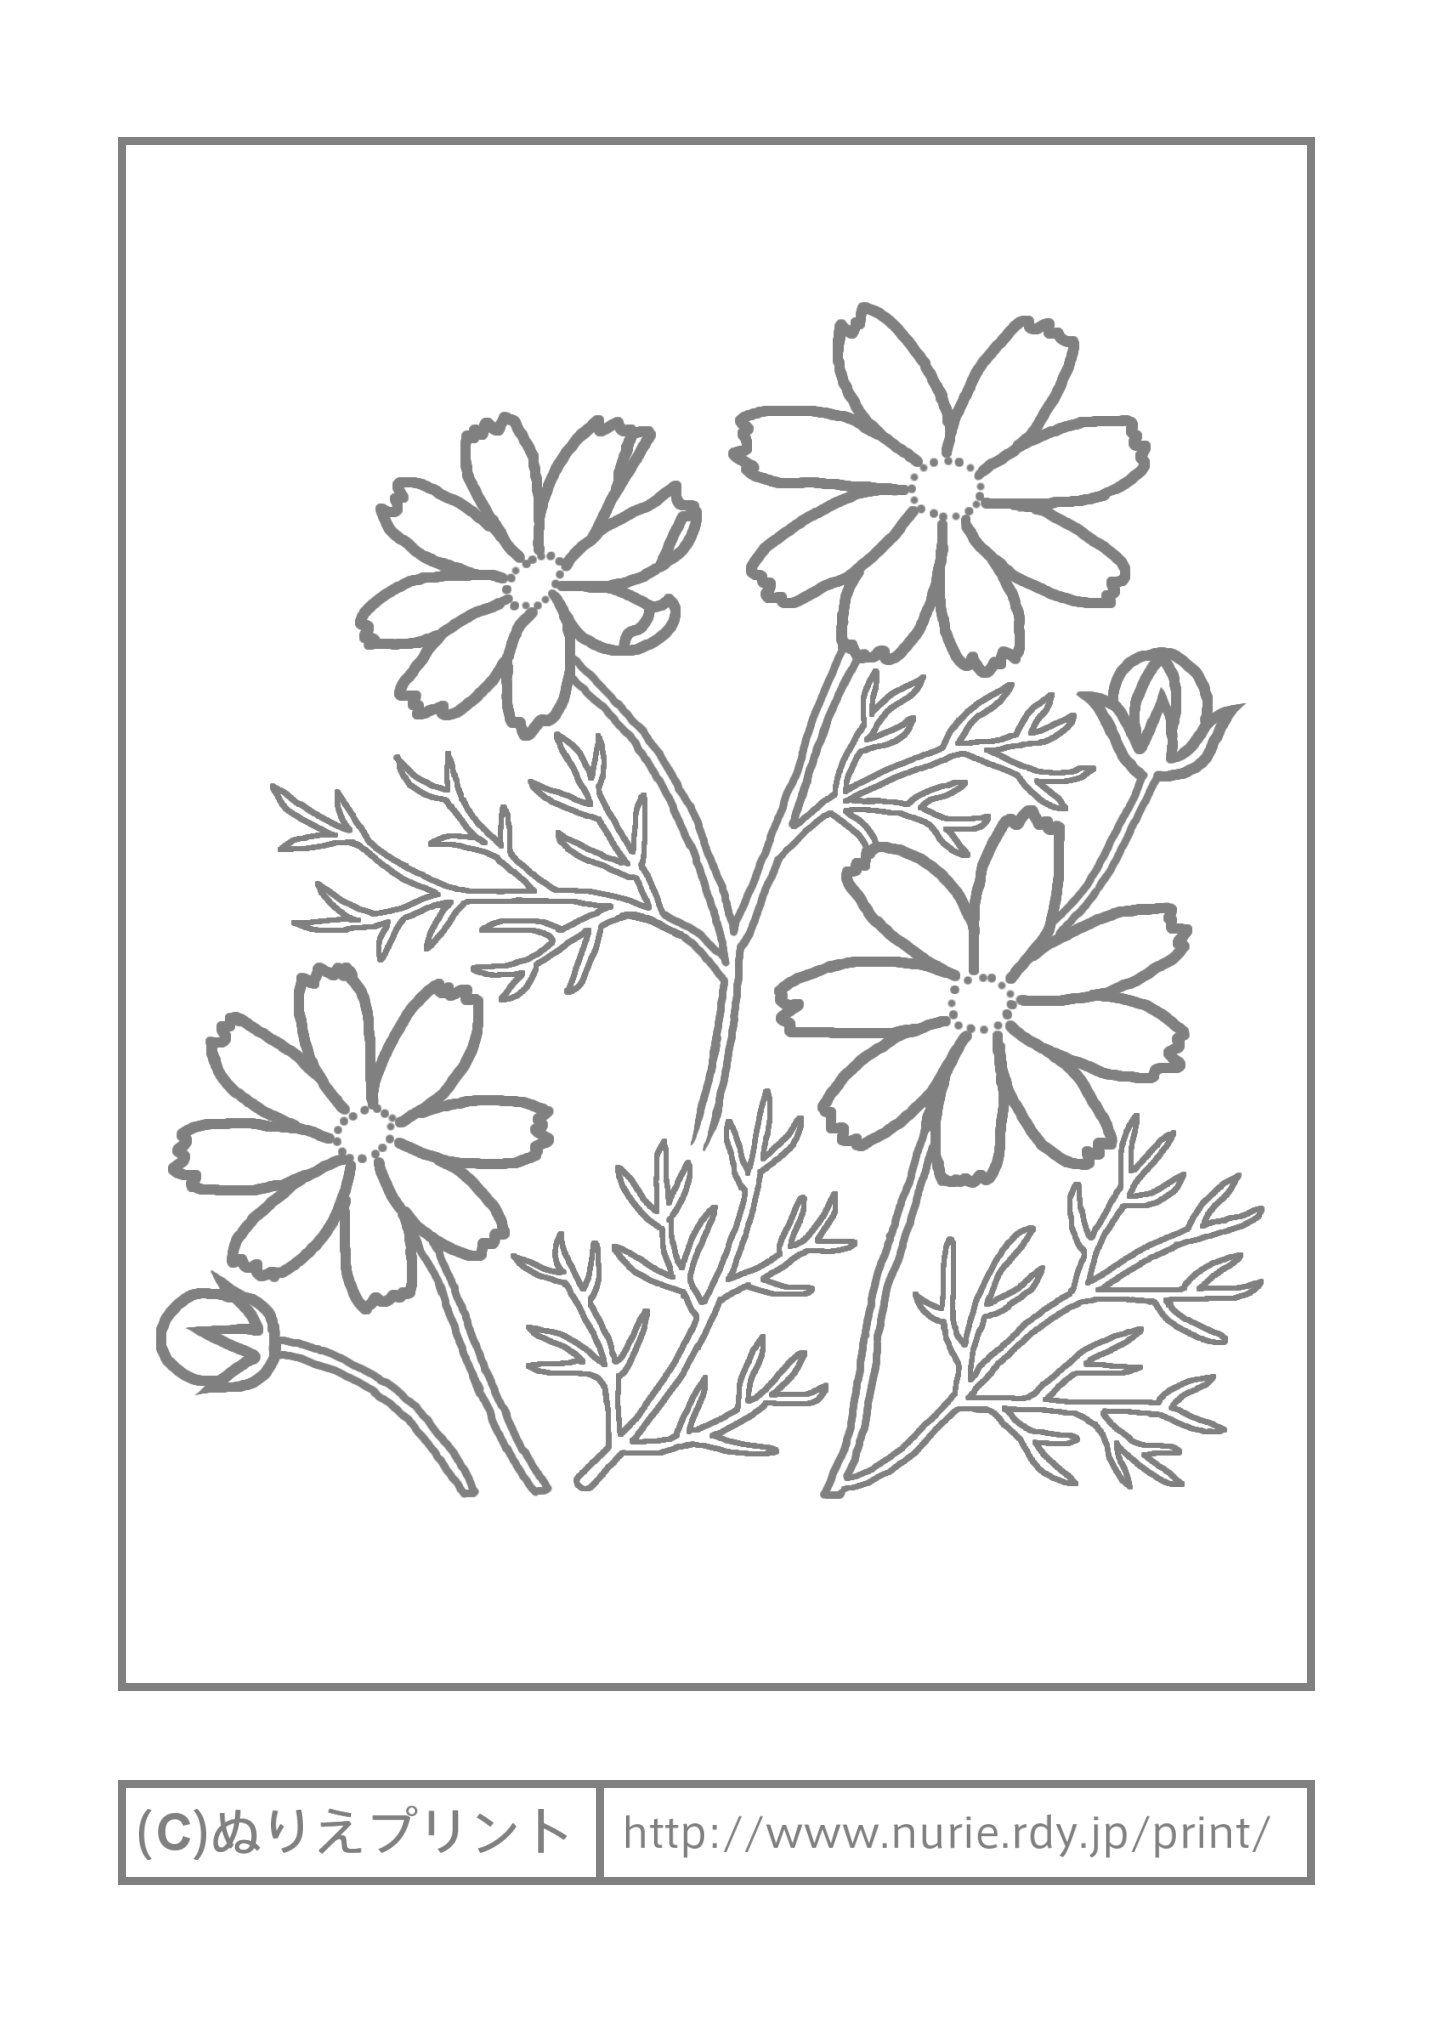 コスモス 主線 グレー 秋の花 無料塗り絵イラスト ぬりえプリント 塗り絵 無料 塗り絵